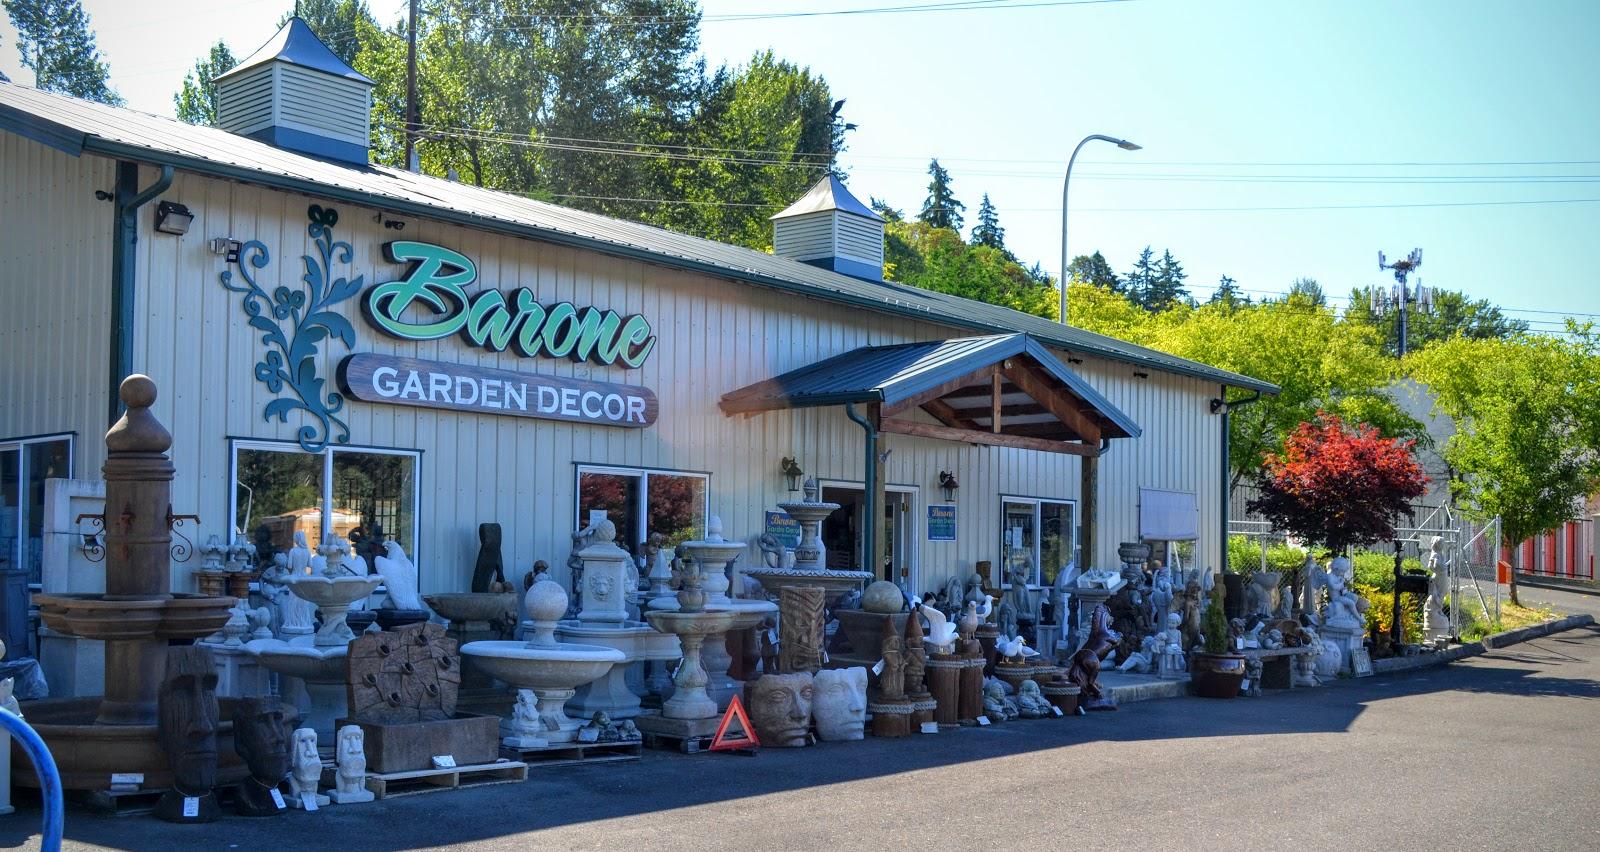 the outlaw gardener: barone garden decor